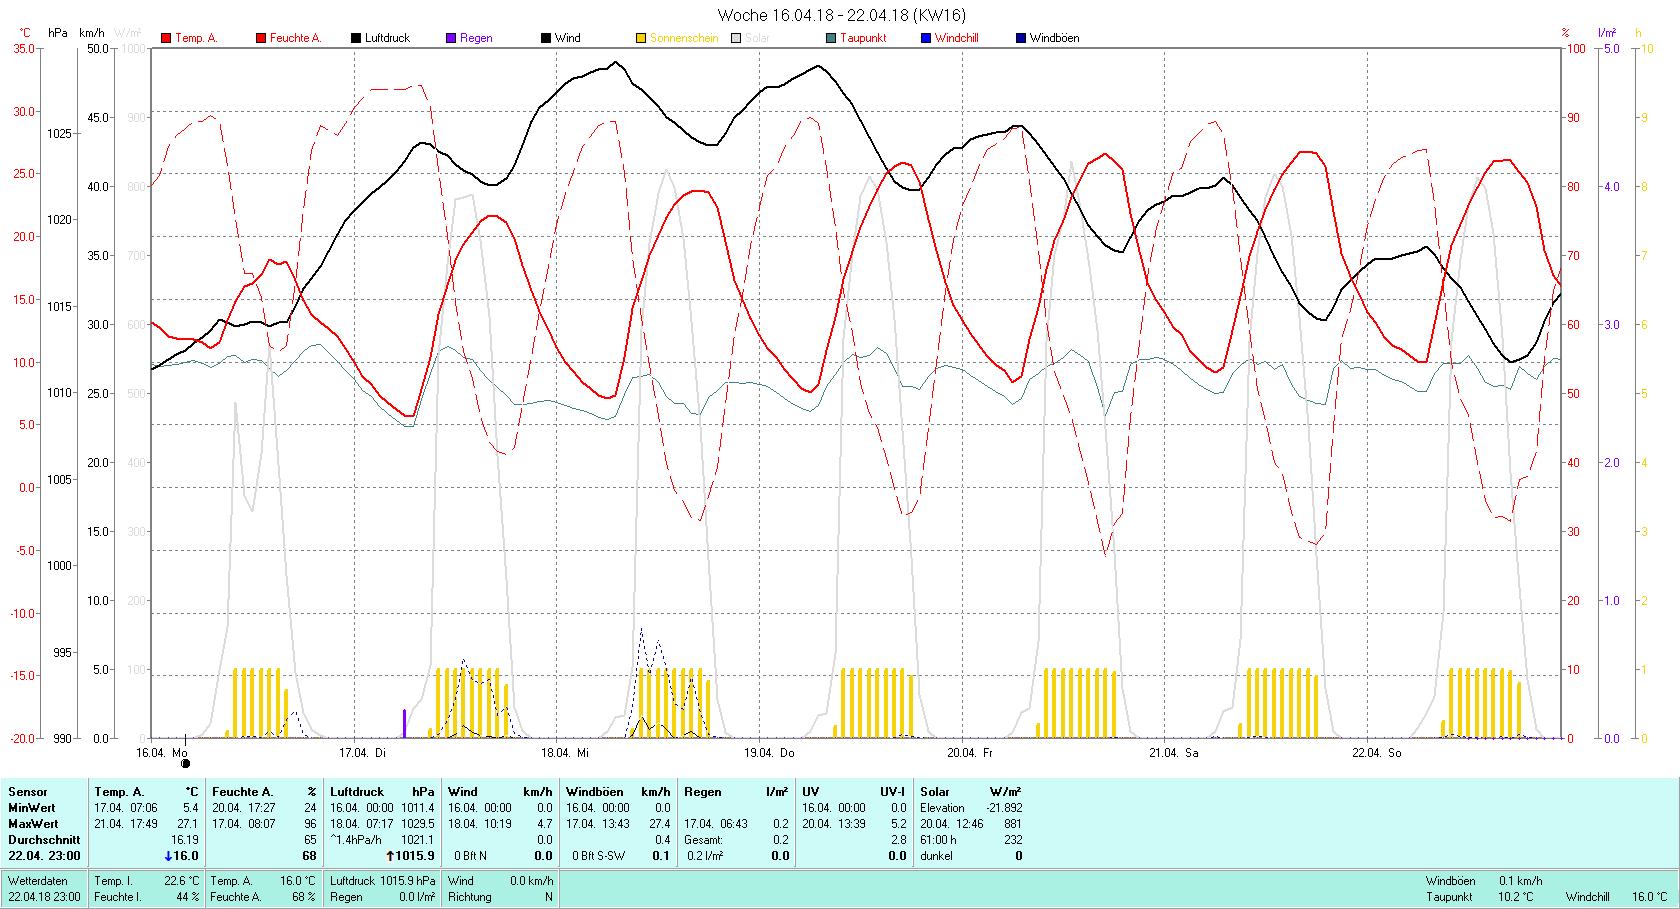 KW 16 Tmin 5.4°C, Tmax 27.1°C, Sonne 61:00 h Niederschlag 0.2 mm2